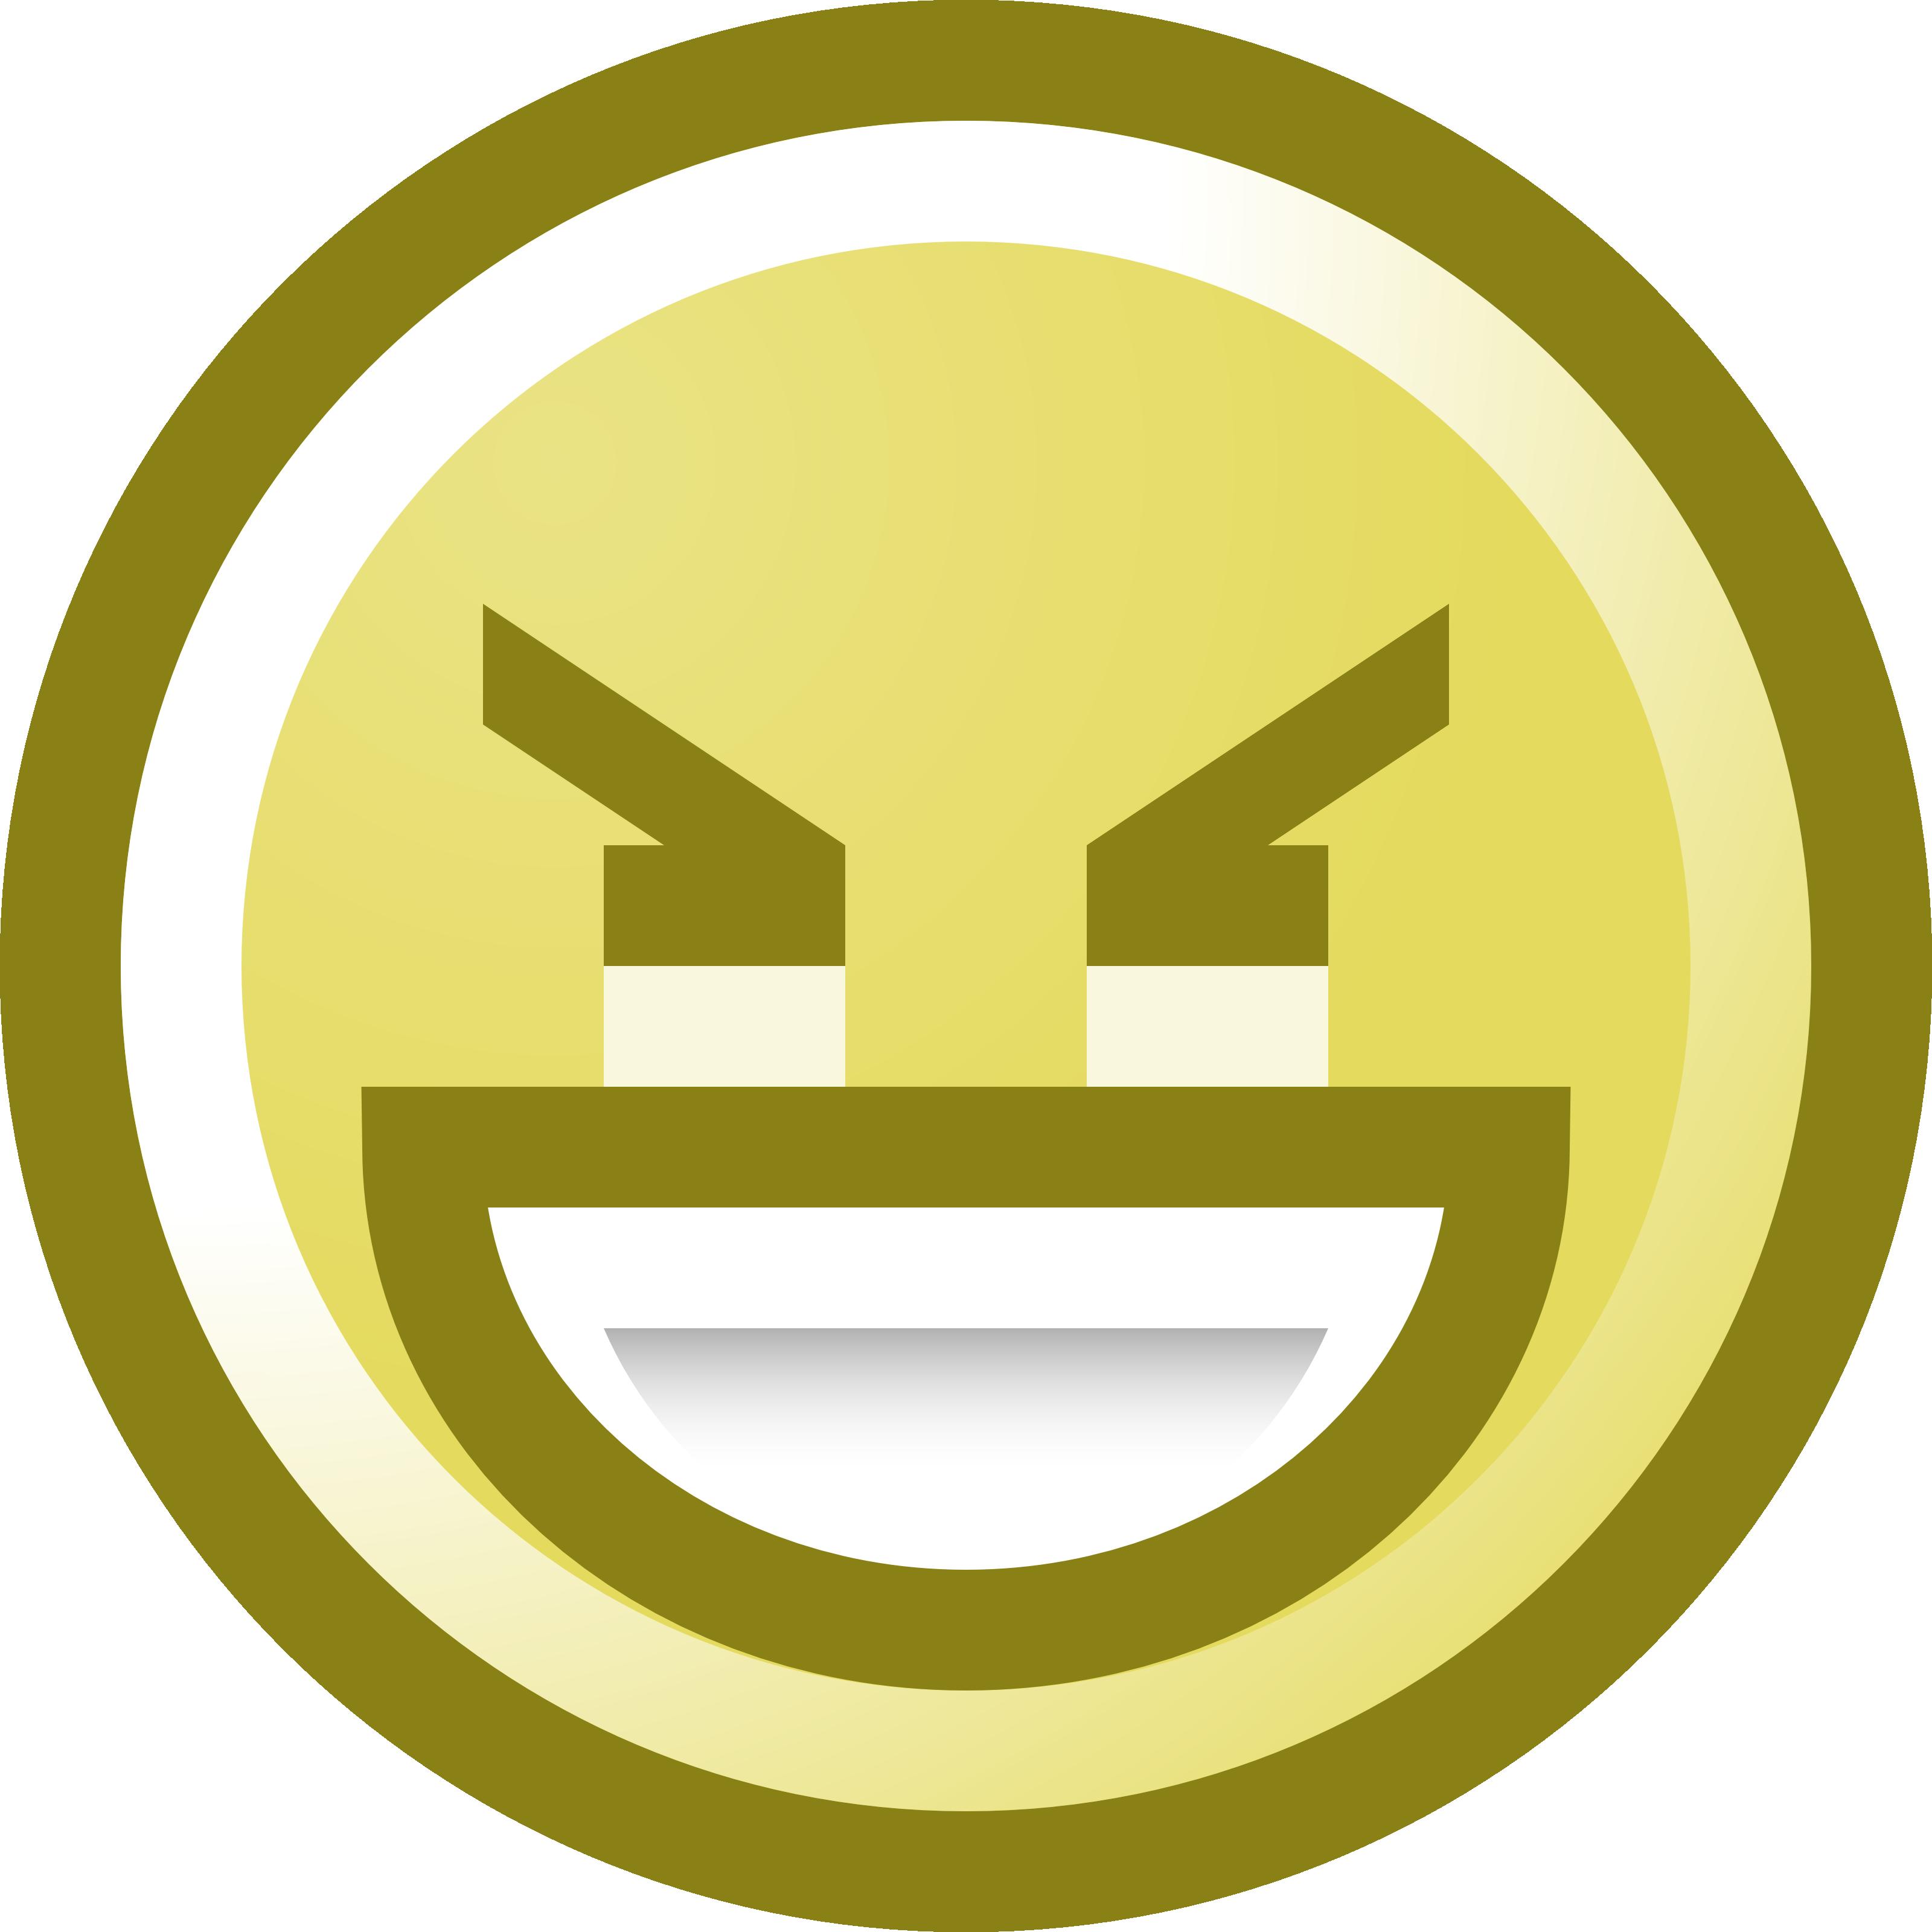 Free Evil Smiley Face Grinning Clip Art Illustration.